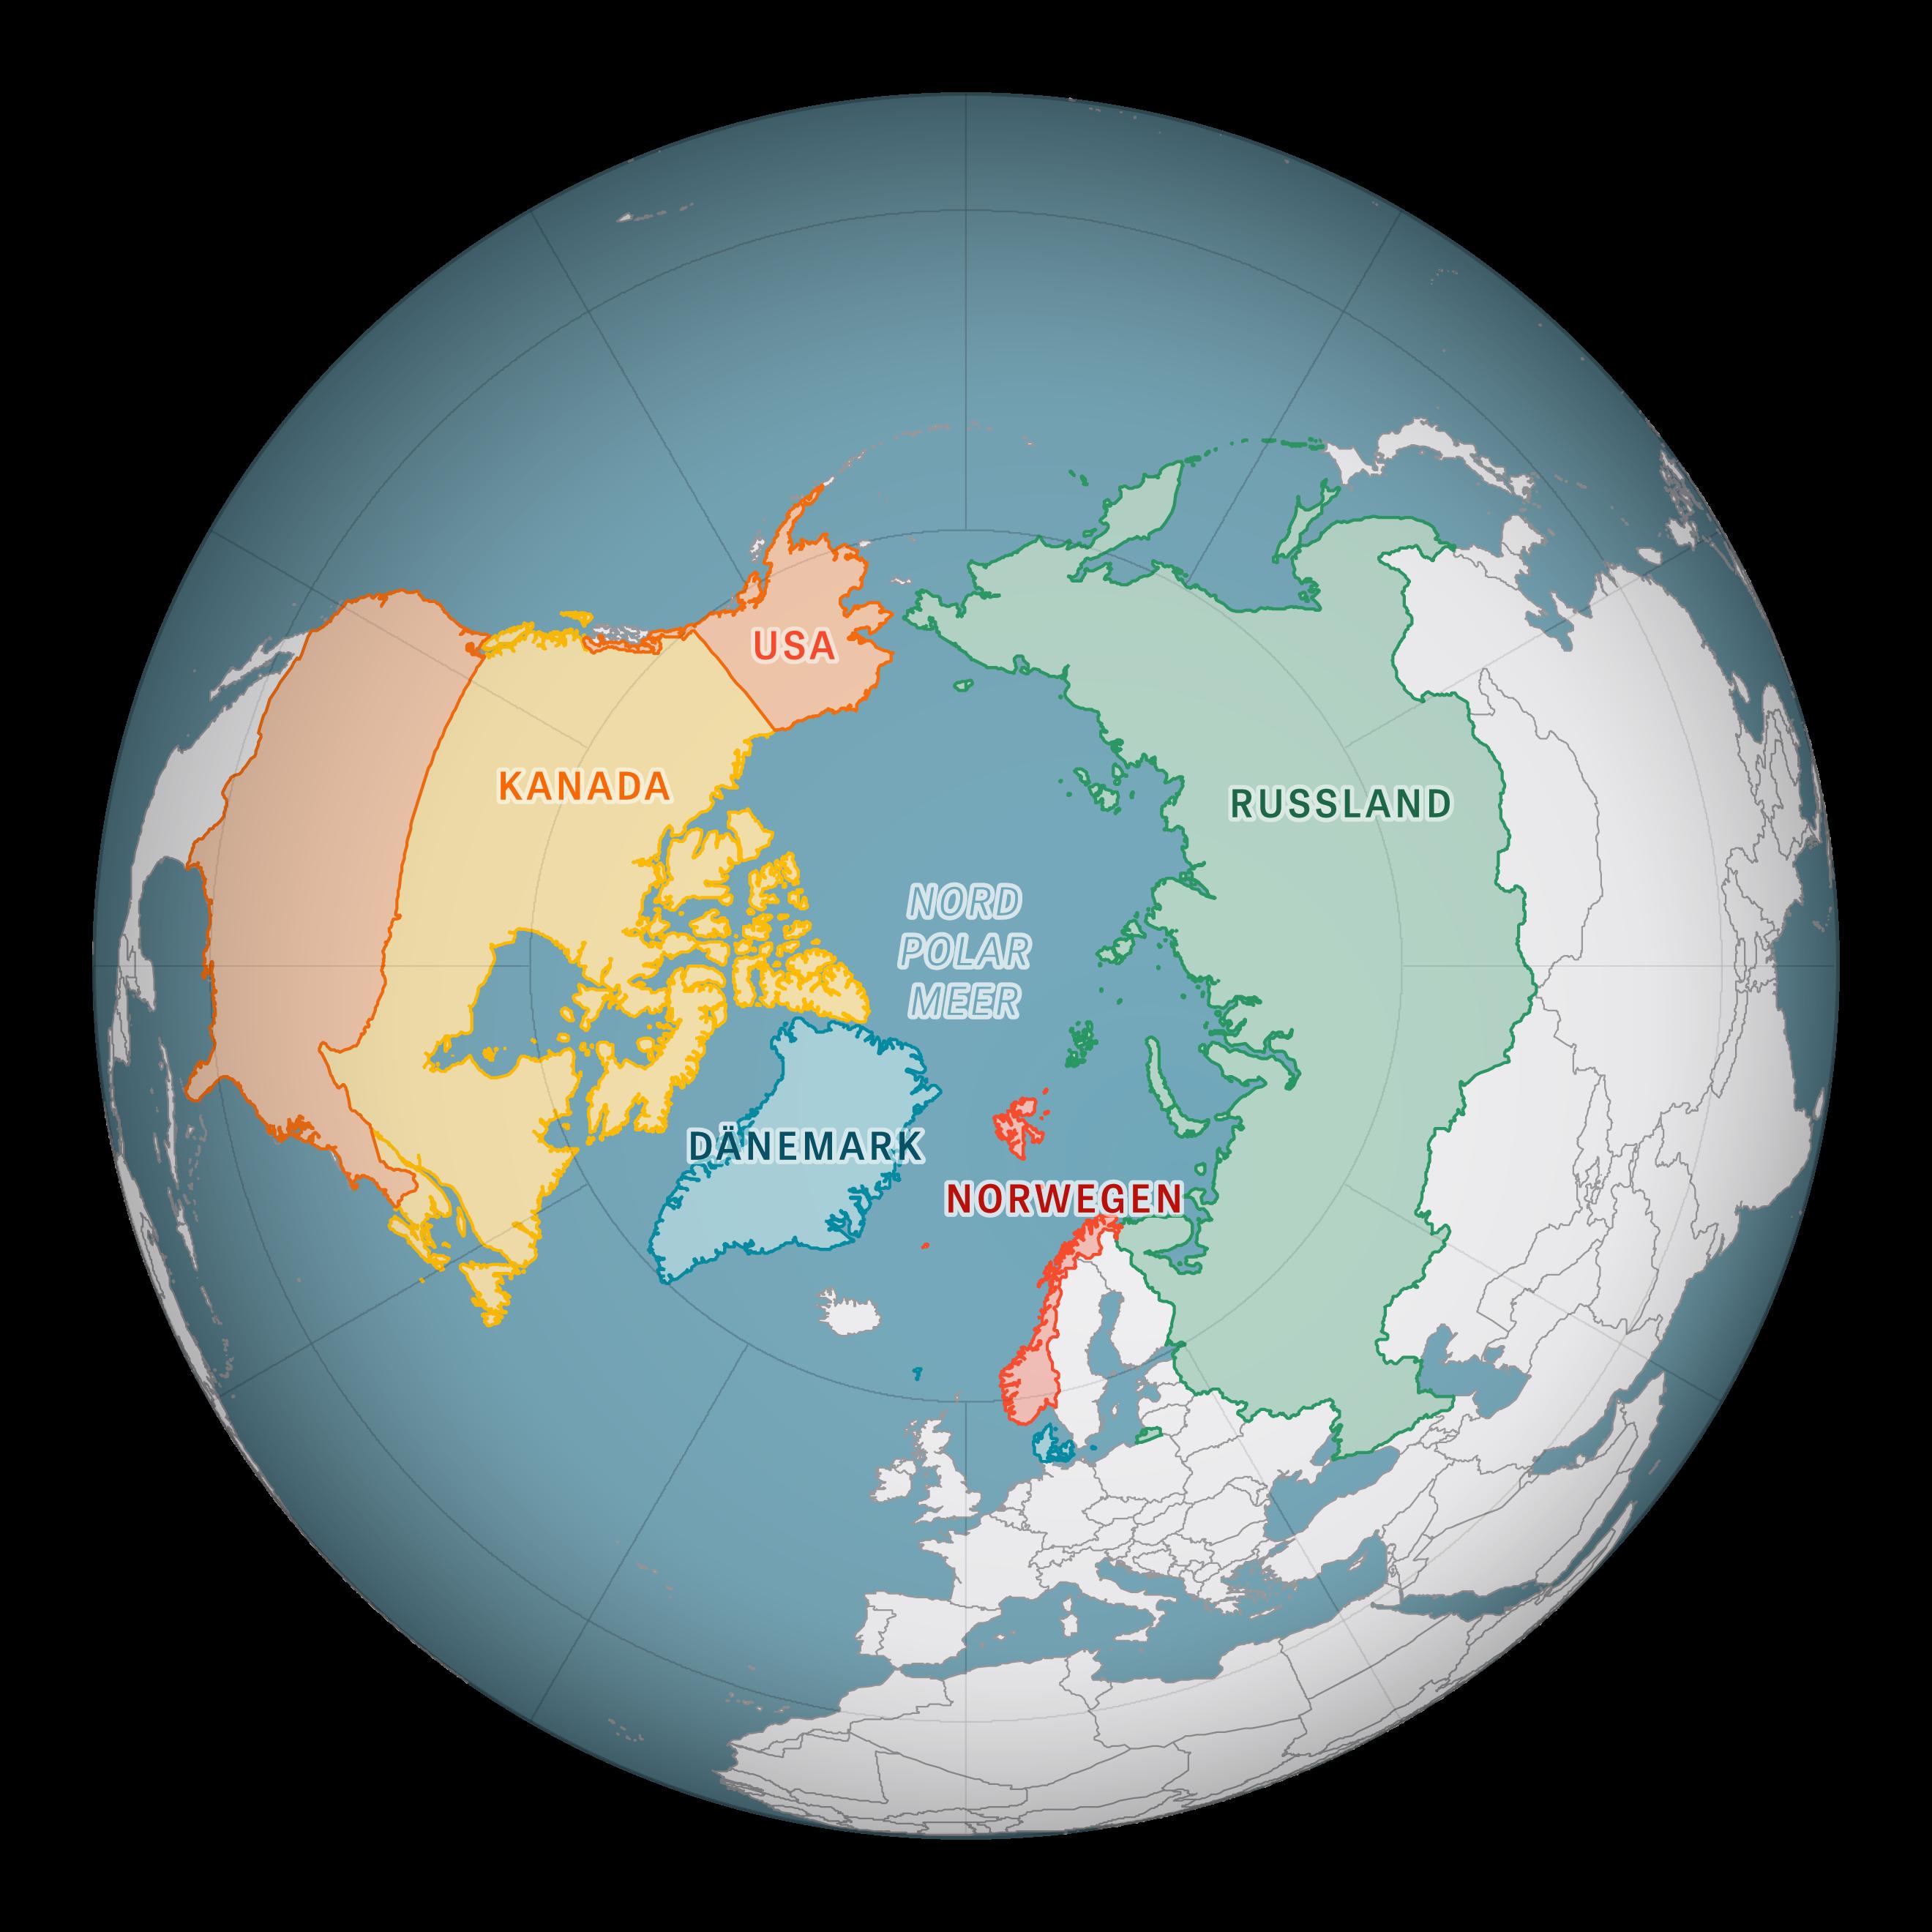 Fünf Länder reihen sich um das Nordpolarmeer: Die größte Fläche nimmt Russland ein. Außerdem grenzen die USA über den Bundesstaat Alaska an den Arktischen Ozean sowie Kanada, Norwegen mit der Inselgruppe Spitzbergen, und Grönland, das zu Dänemark gehört.